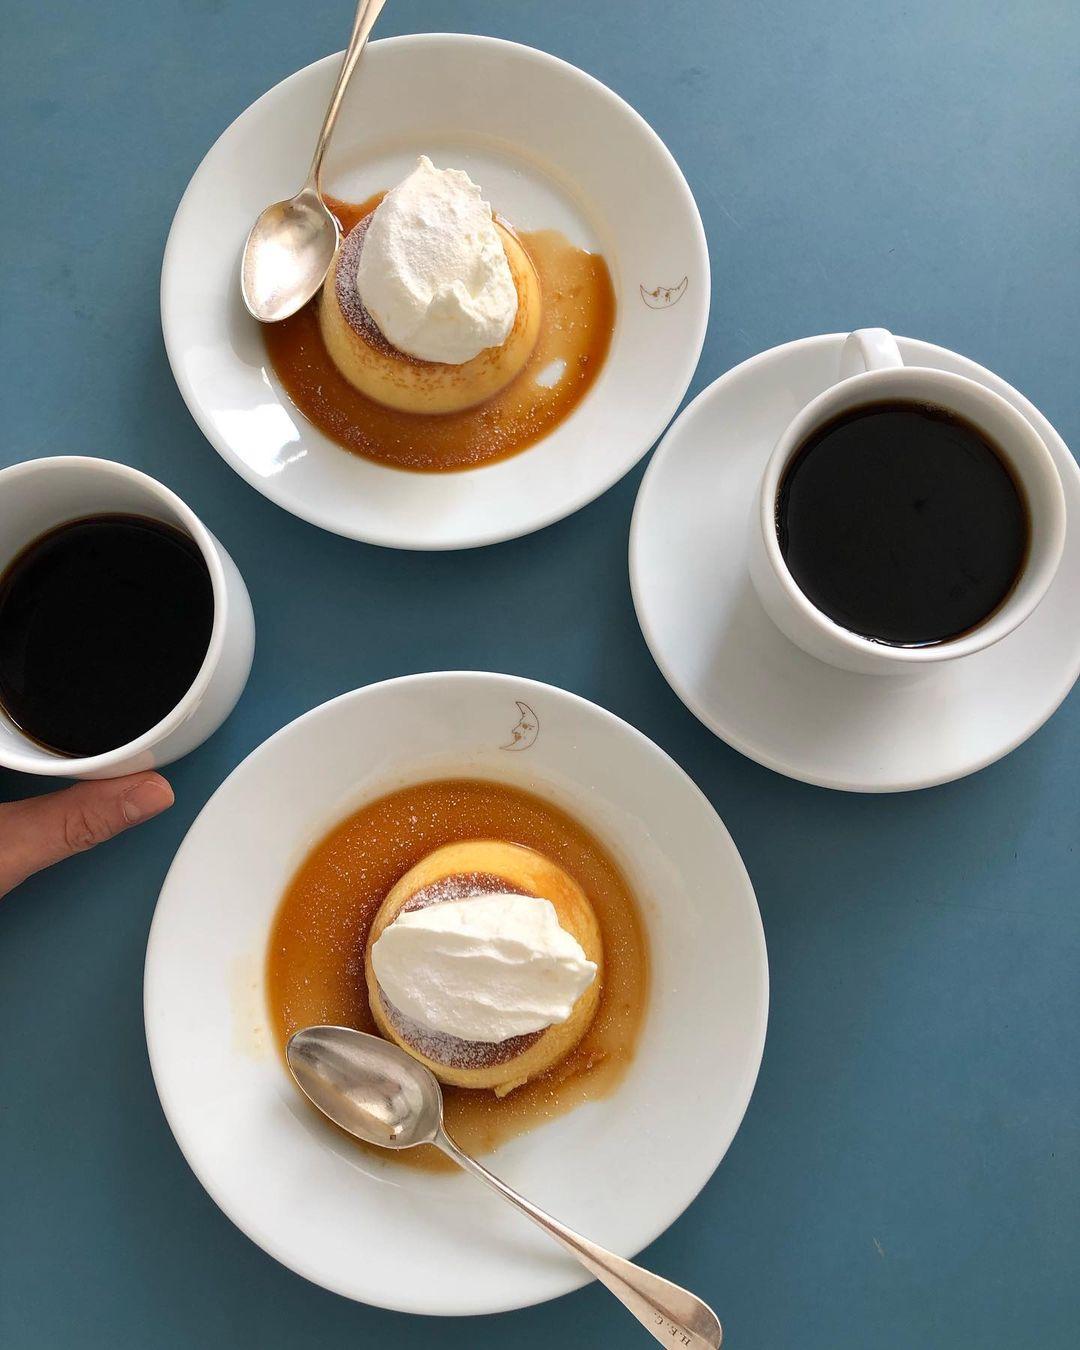 พุดดิ้งเนื้อเนียนราดด้วยซอสคาราเมลของคาเฟ่โตเกียว MOON mica takahashi Coffee SALON